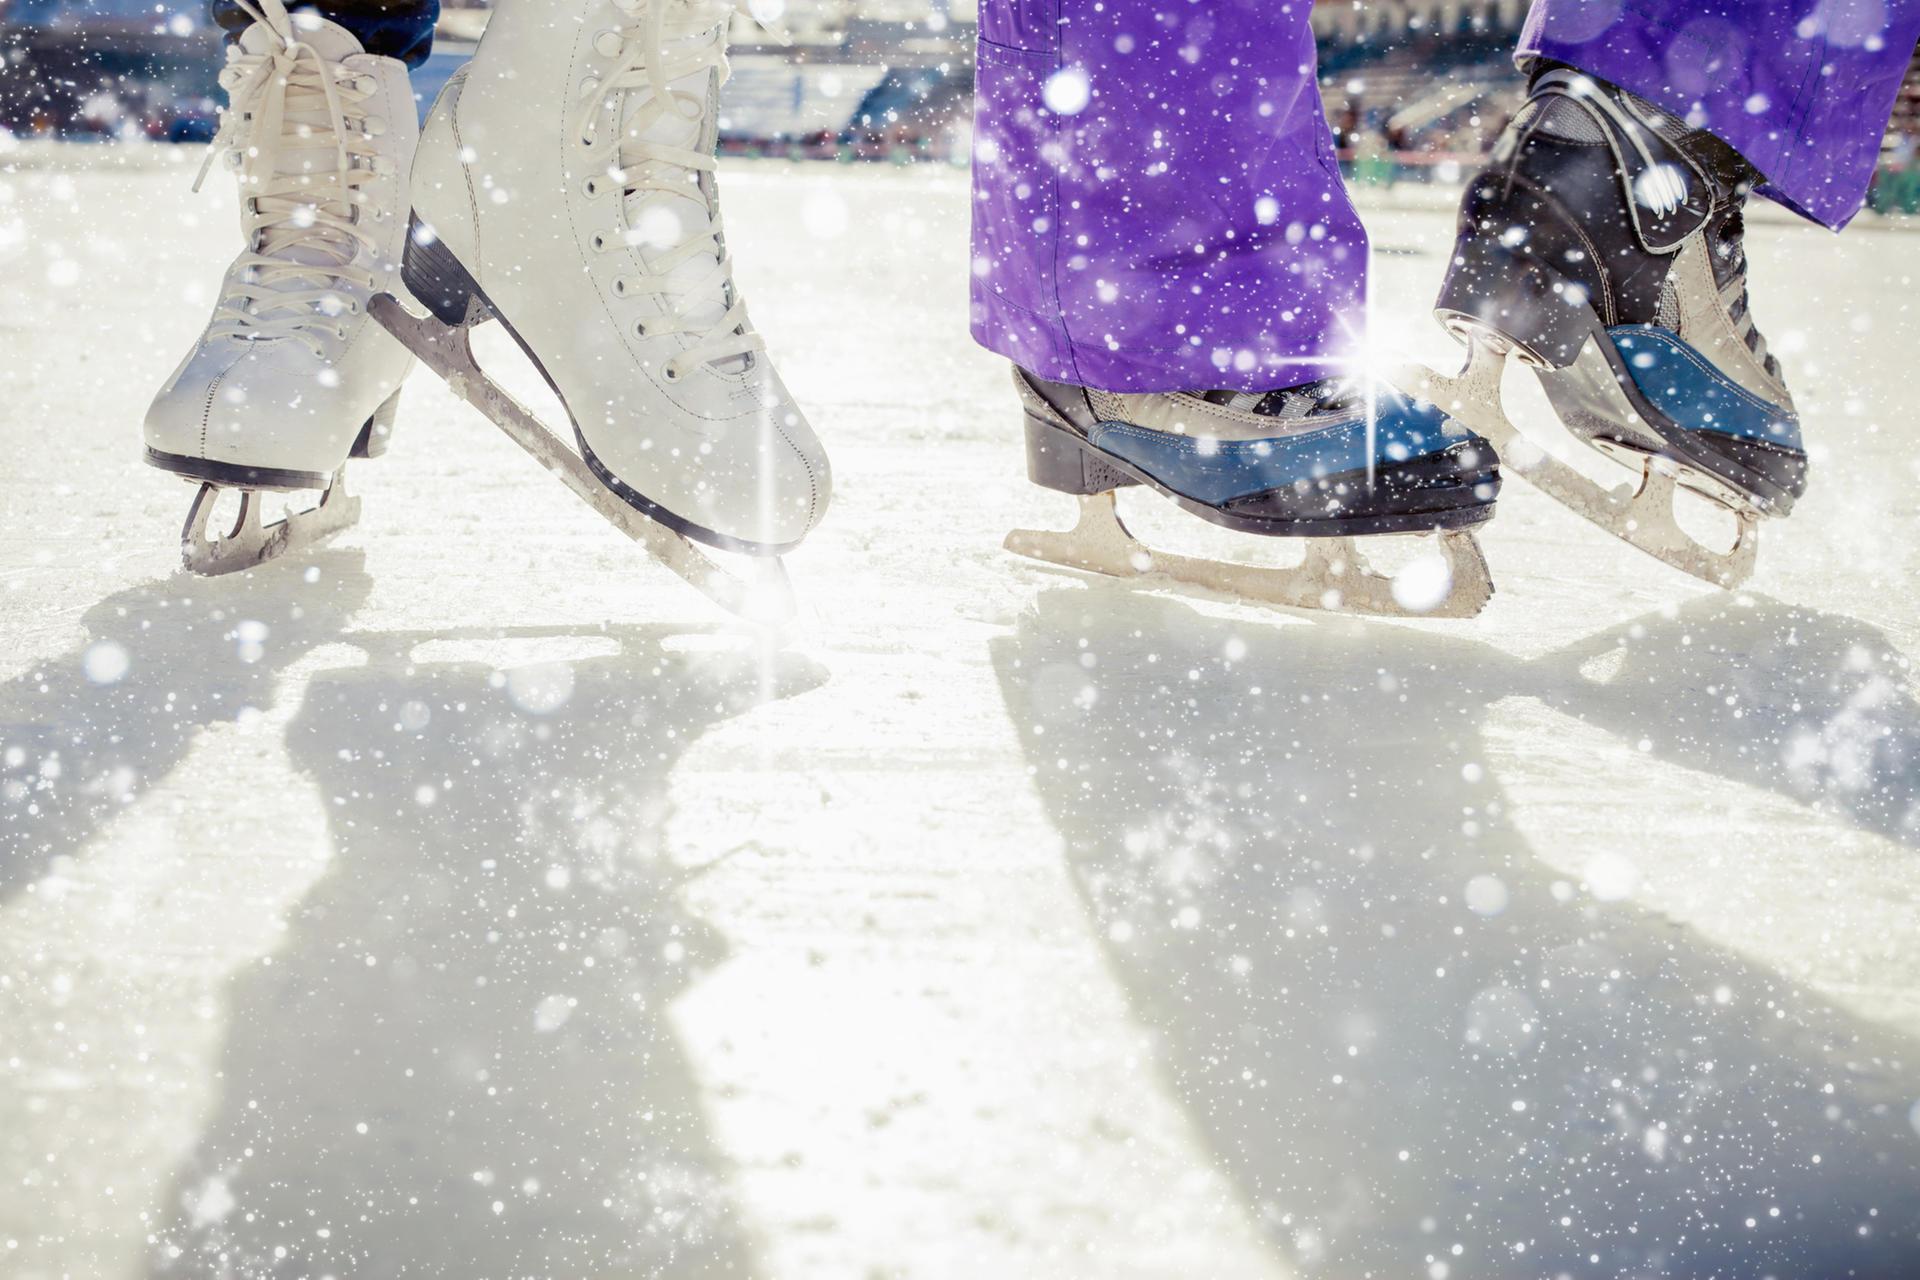 Schlittschuhlaufen Berlin Weihnachtsmarkt.Schnell Und Günstig Aufs Eis Schlittschuhlaufen In Deutschen